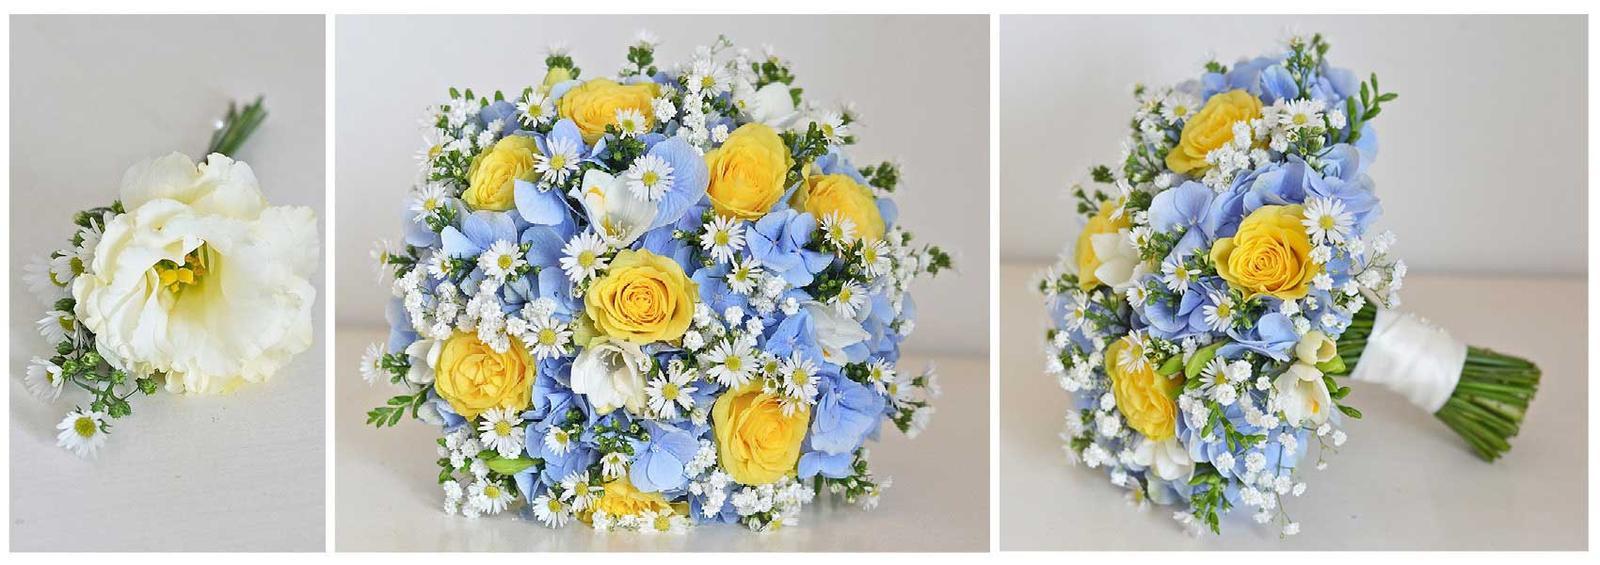 Hobití svatba - květiny - Obrázek č. 2